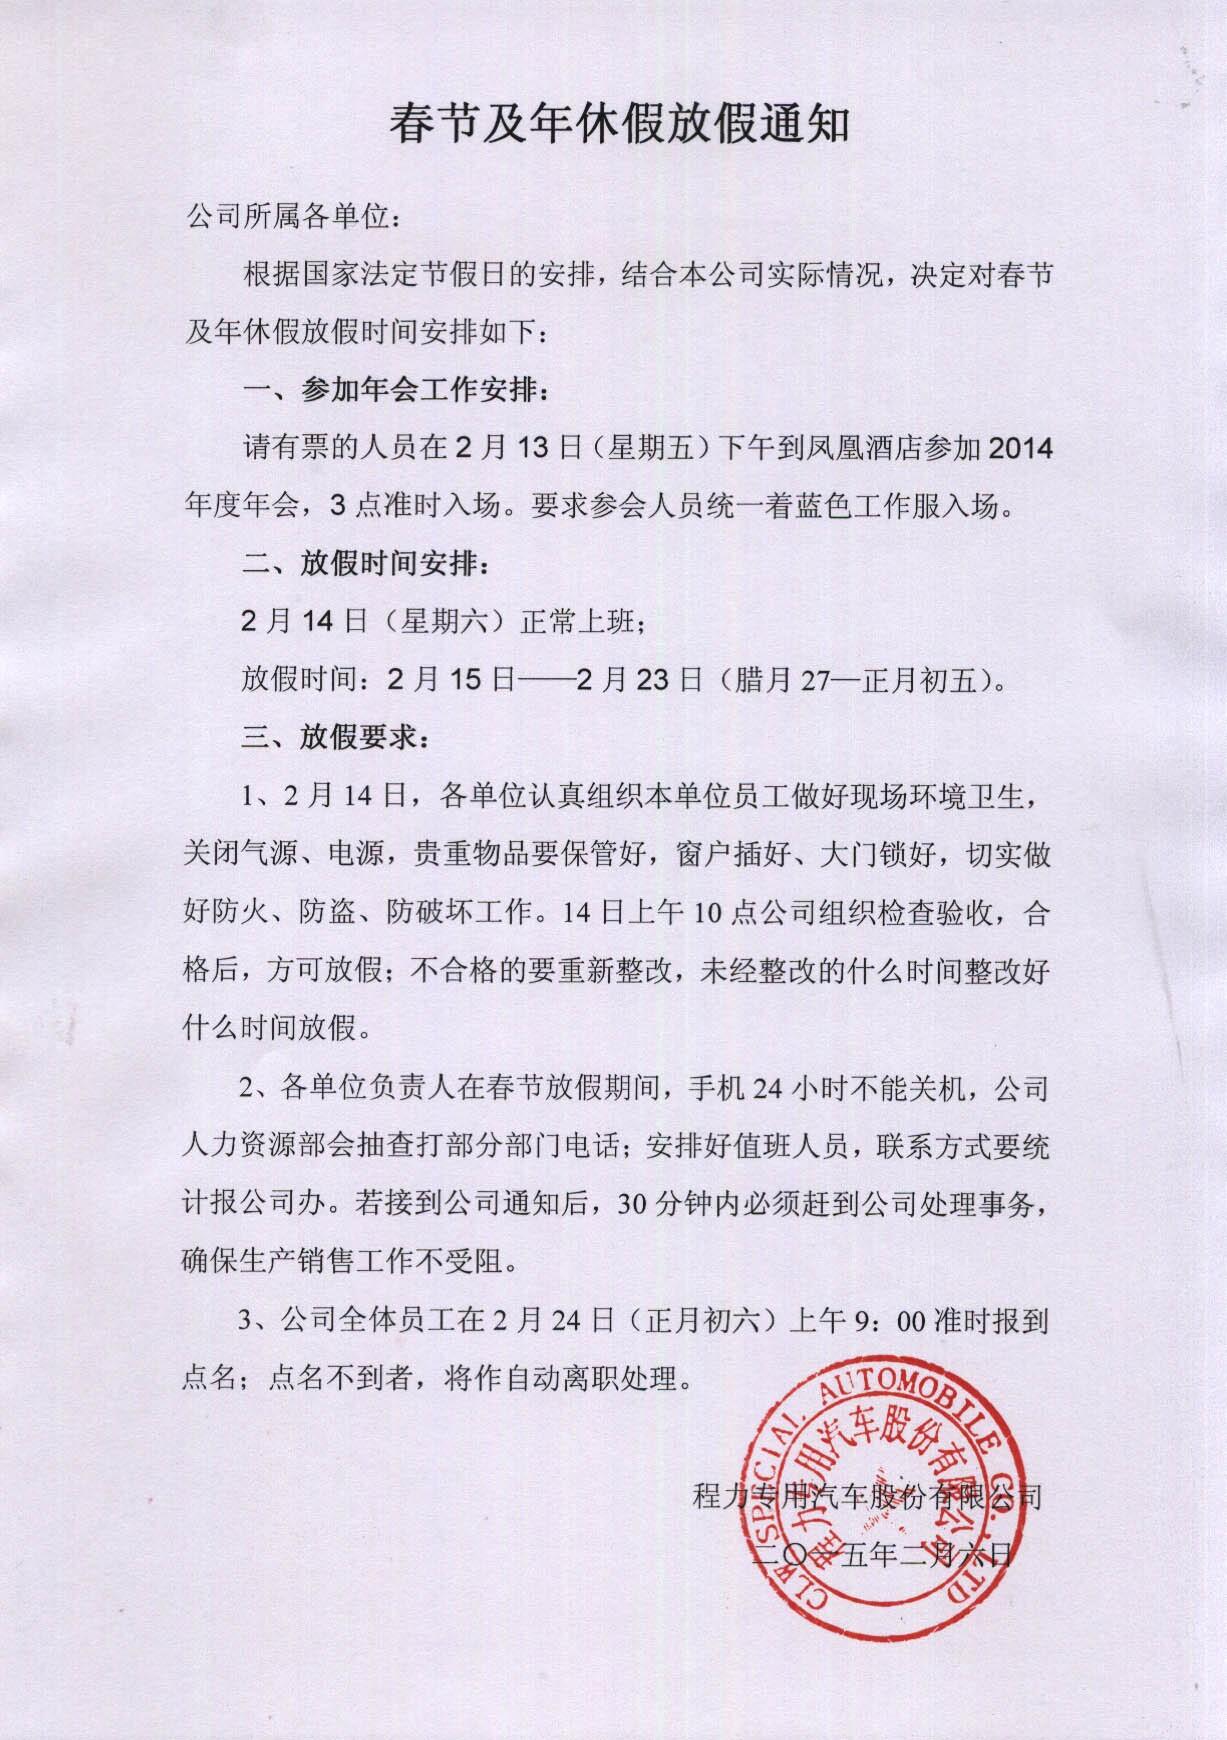 湖北程力2015年春节放假通知